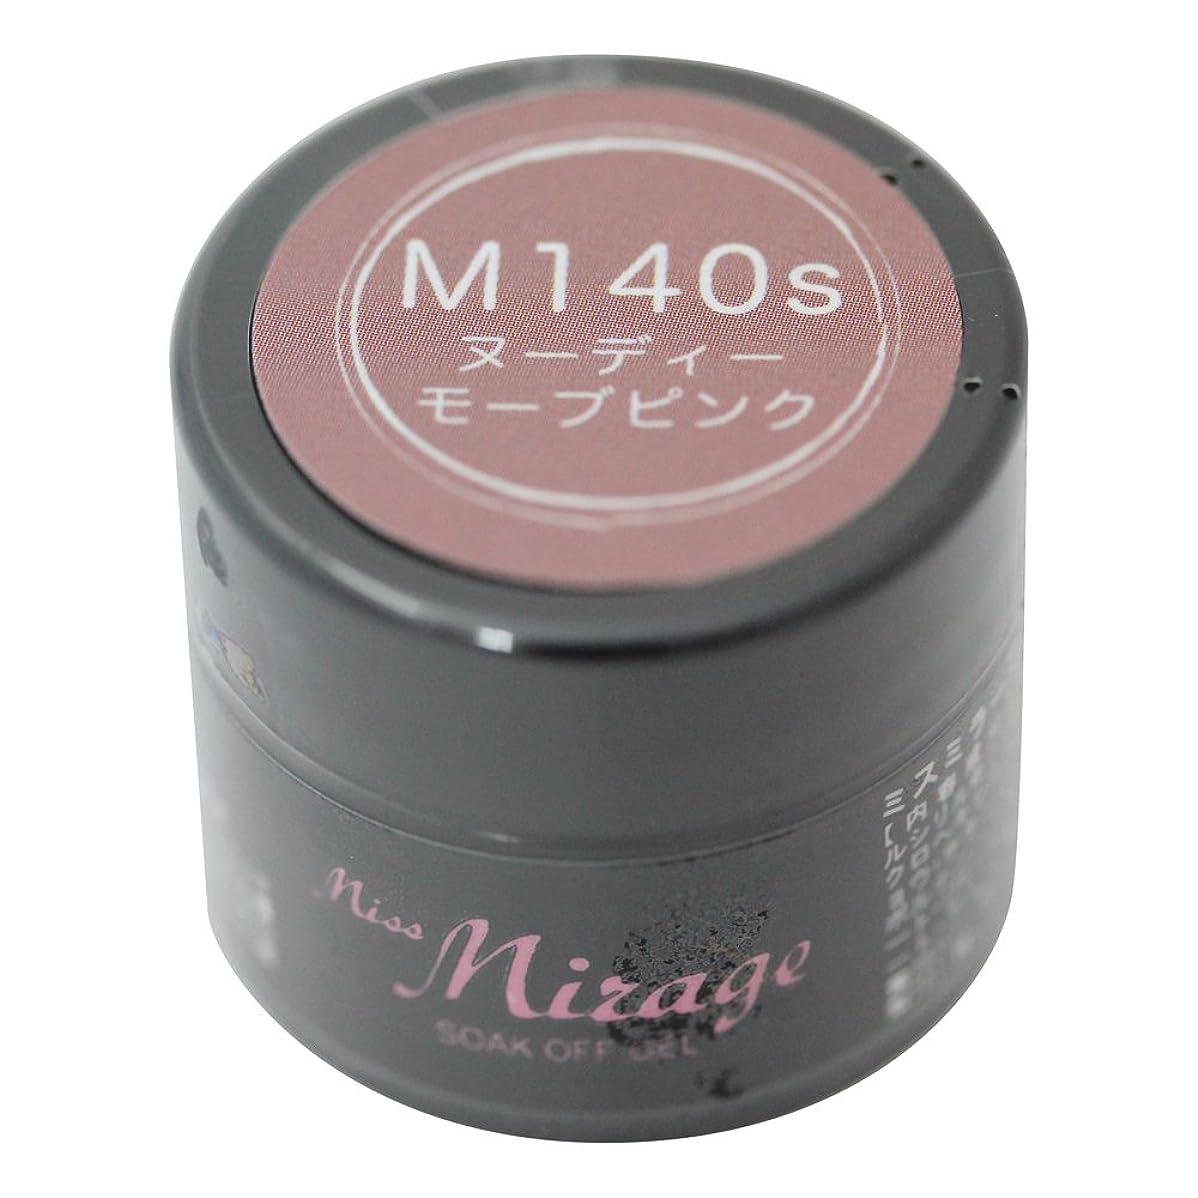 電話をかけるディベートスイッチMiss Mirage M140S ヌーディーモーブピンク 2.5g UV/LED対応タイオウ